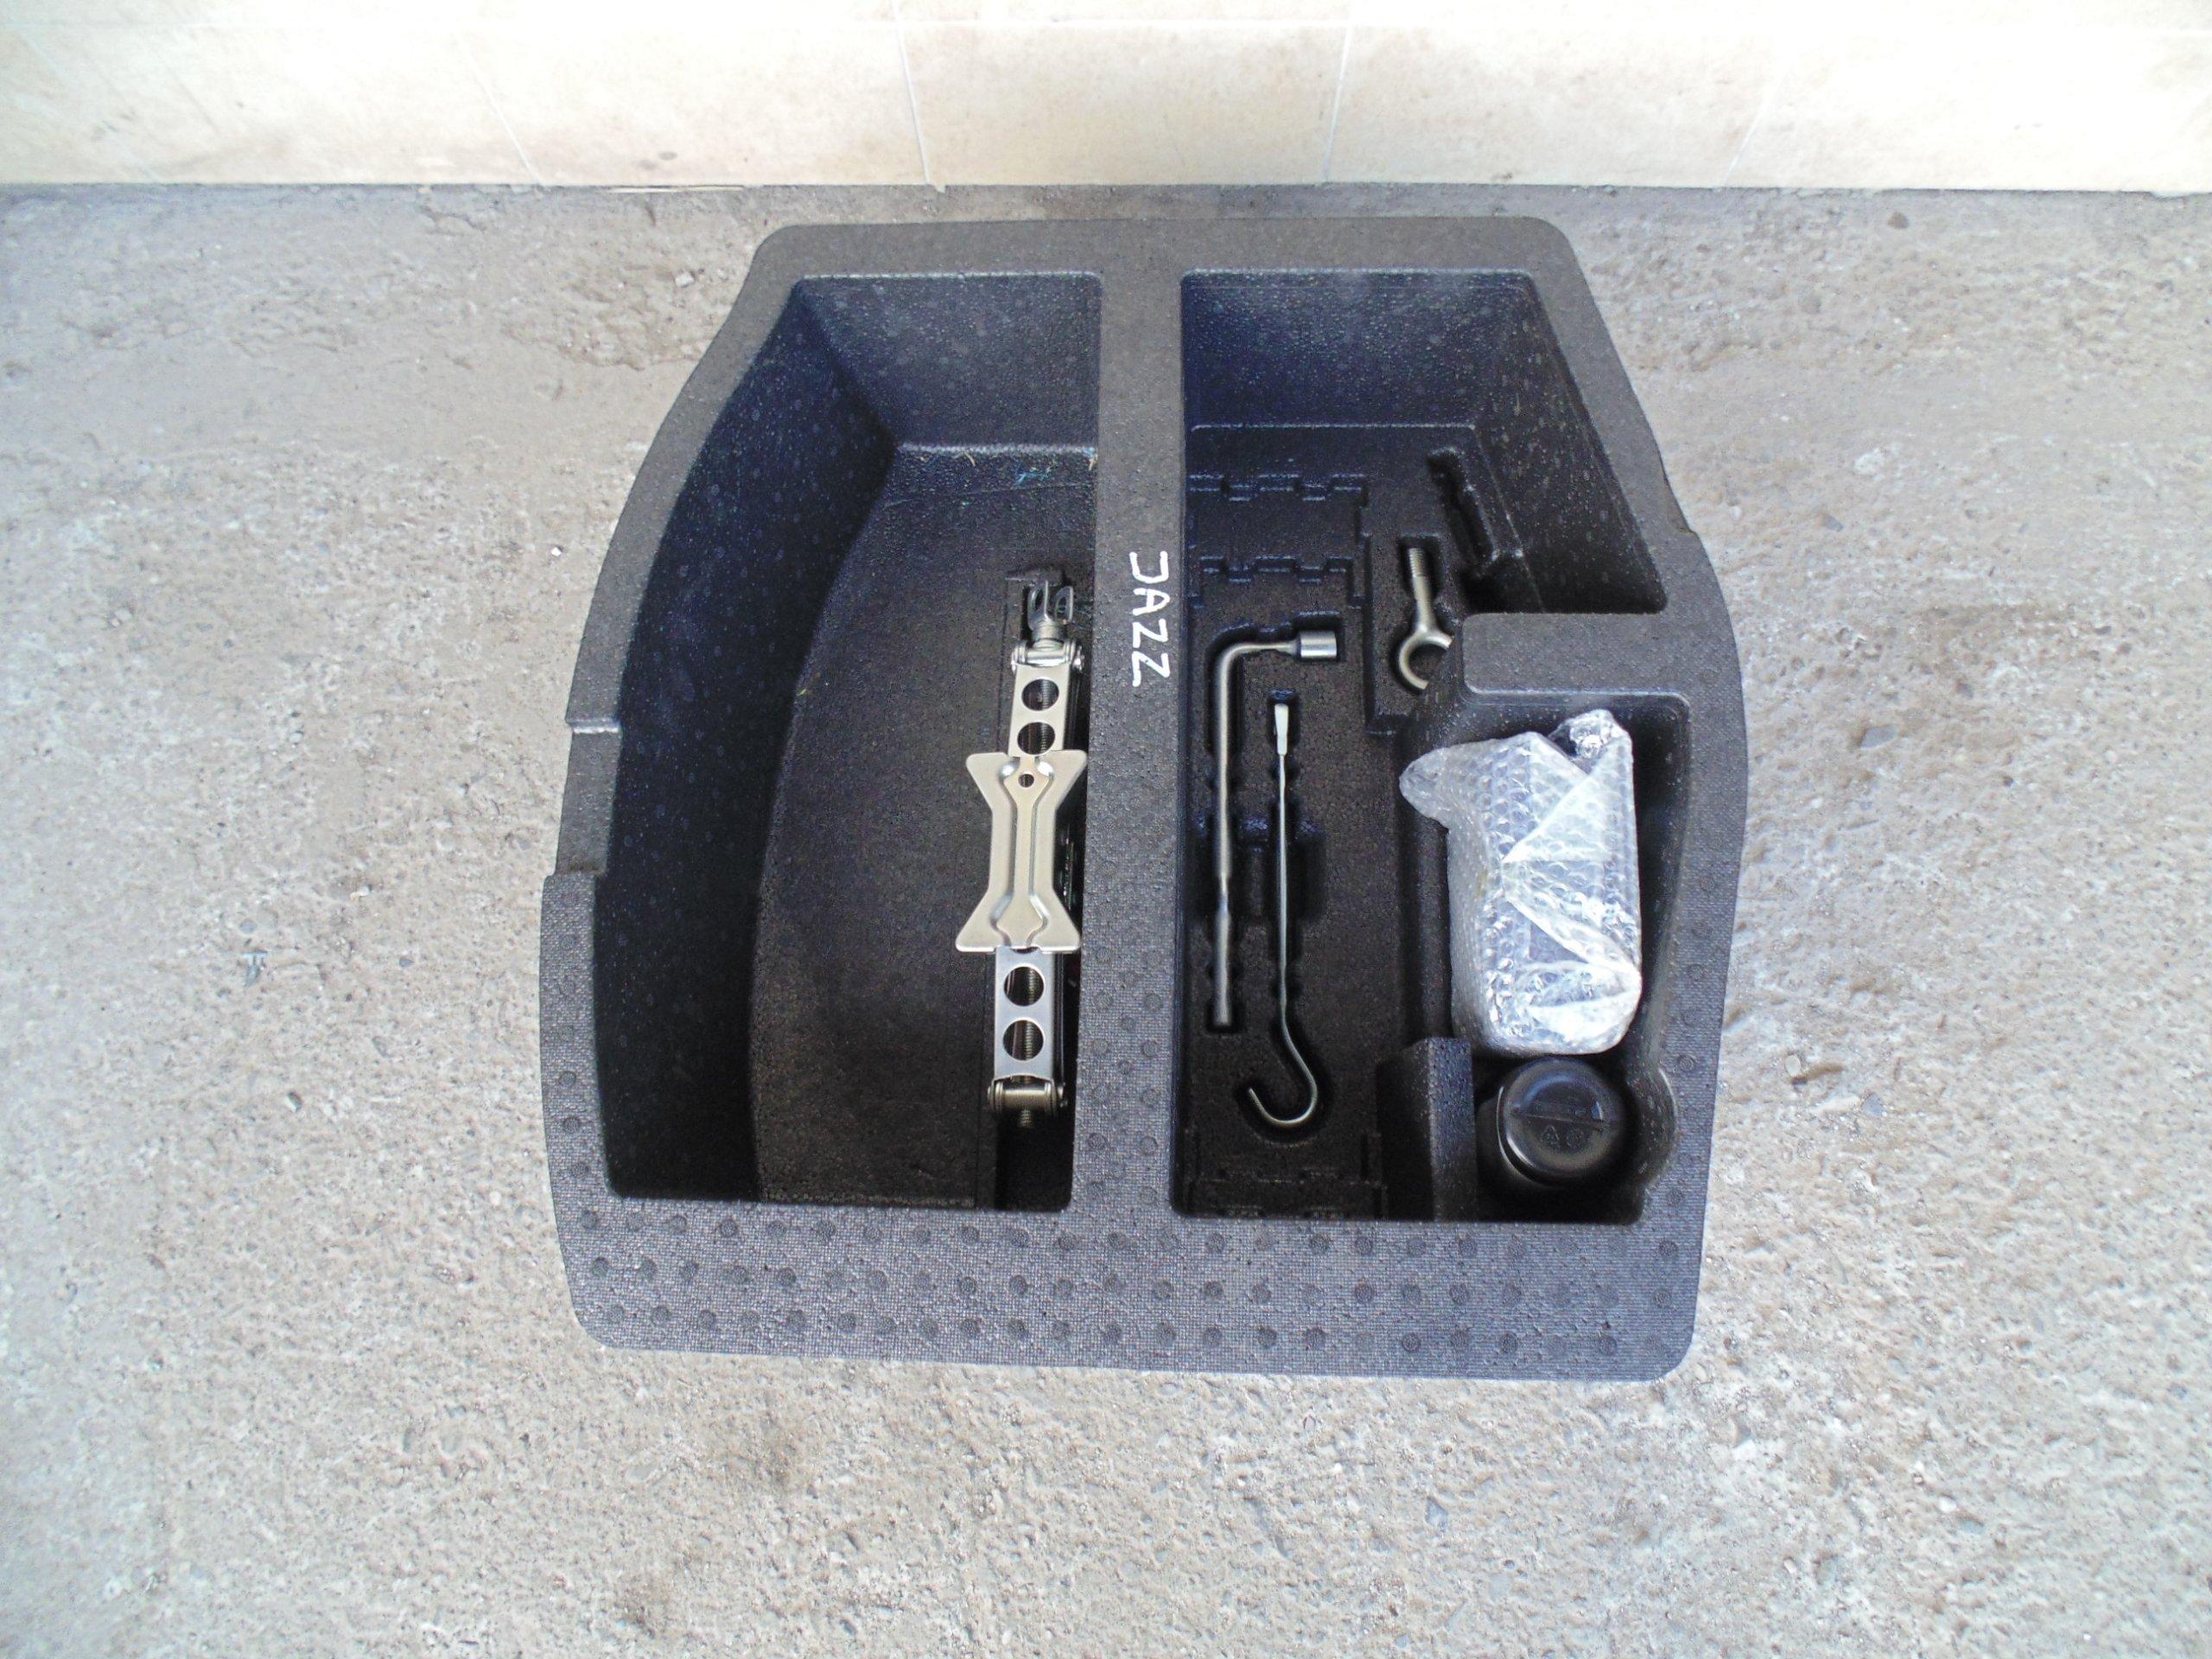 Zestaw Naprawczy Koa Kompresor Honda Jazz 2014 R 6754321521 New Ori